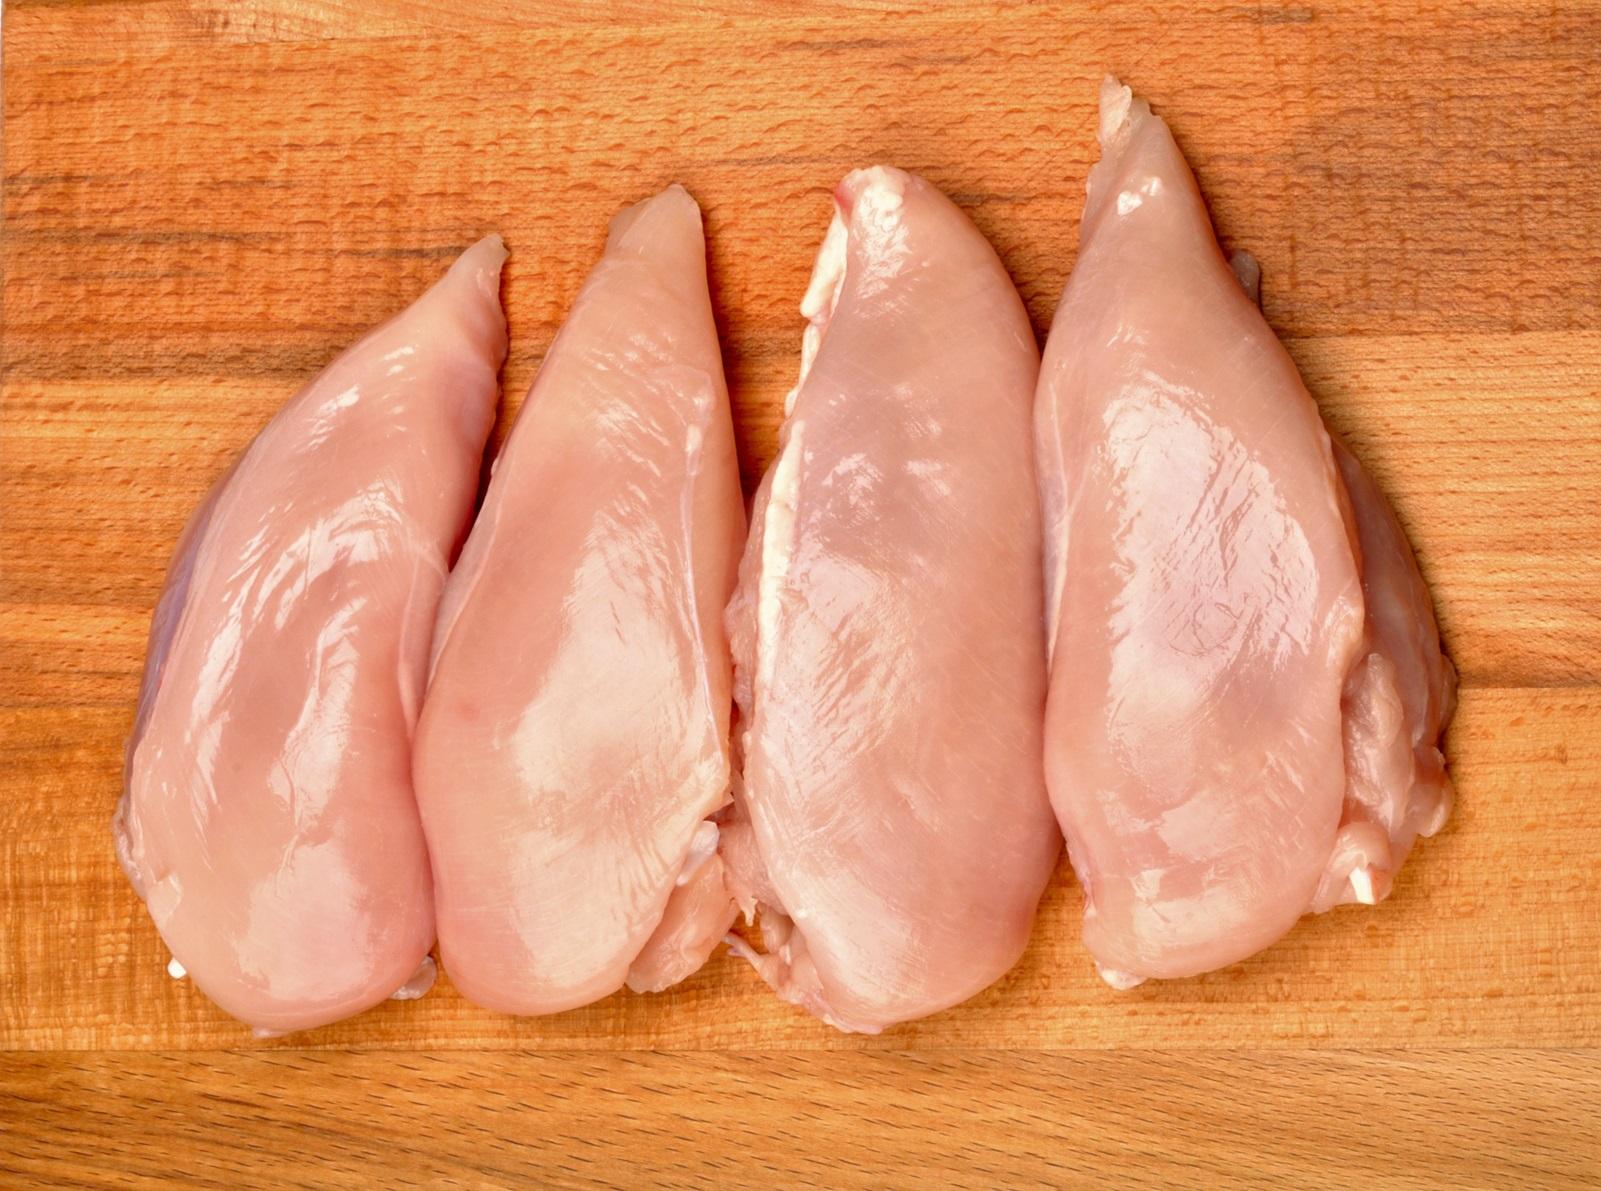 Billede af kyllingekød